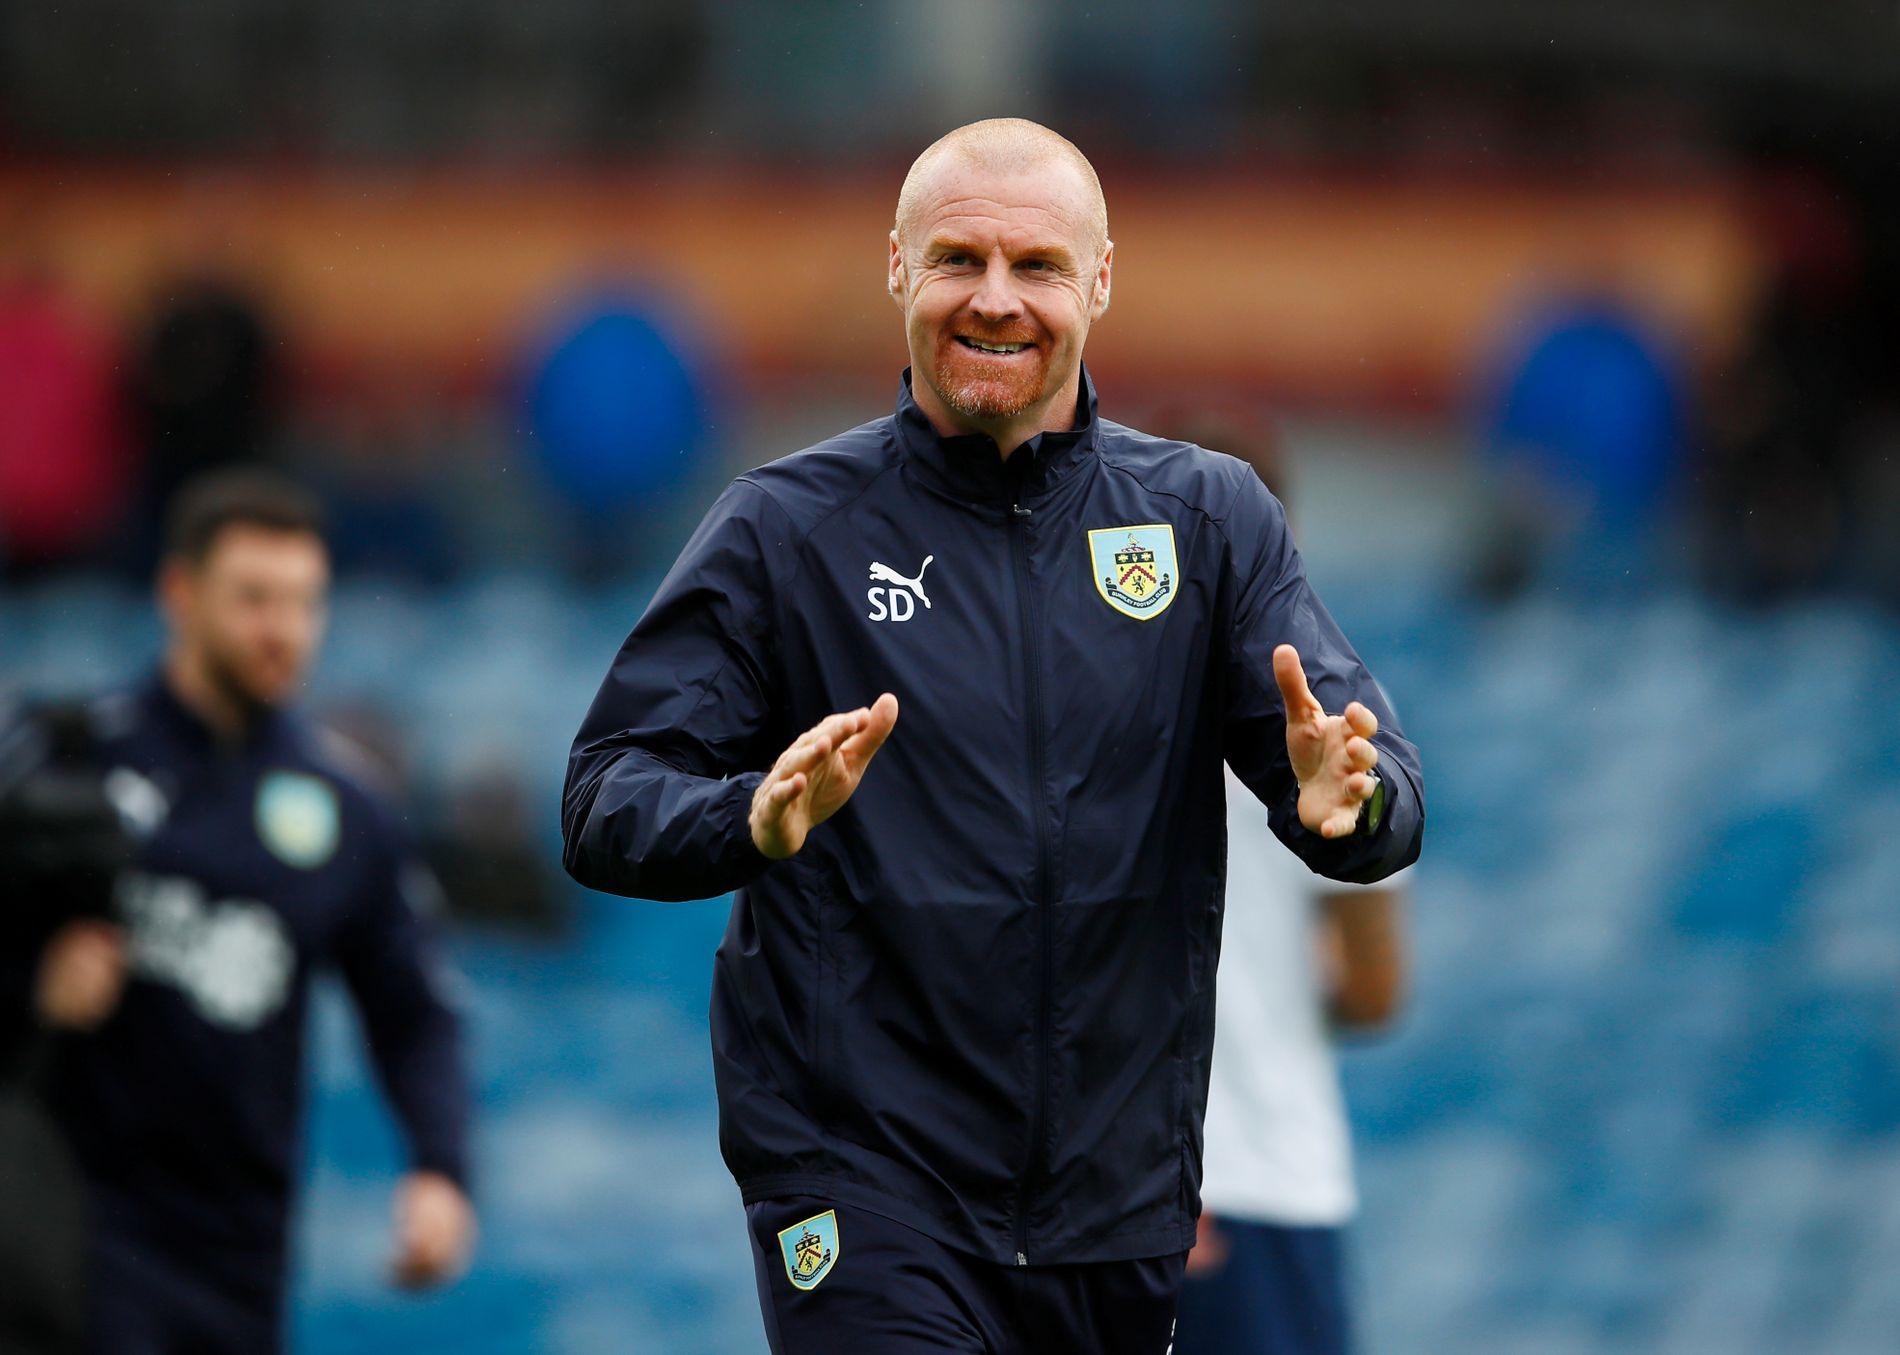 IMPONERER: Burnley-manager Sean Dyche ledet klubben til en imponerende syvendeplass forrige sesong.